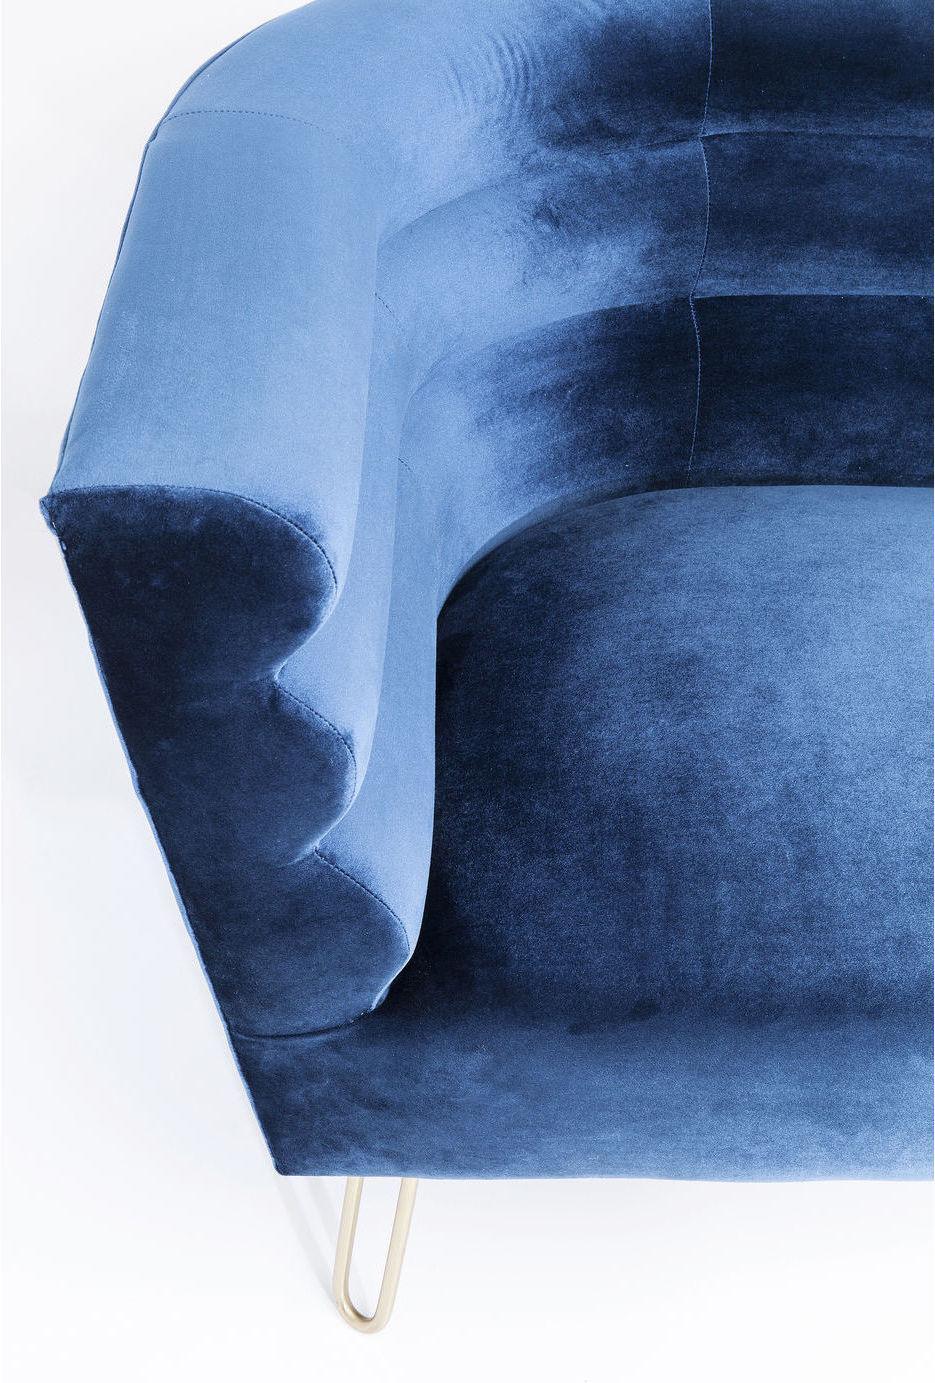 Kare Design Monaco 2-Zits Bank B160 Cm - Fluweel Blauw